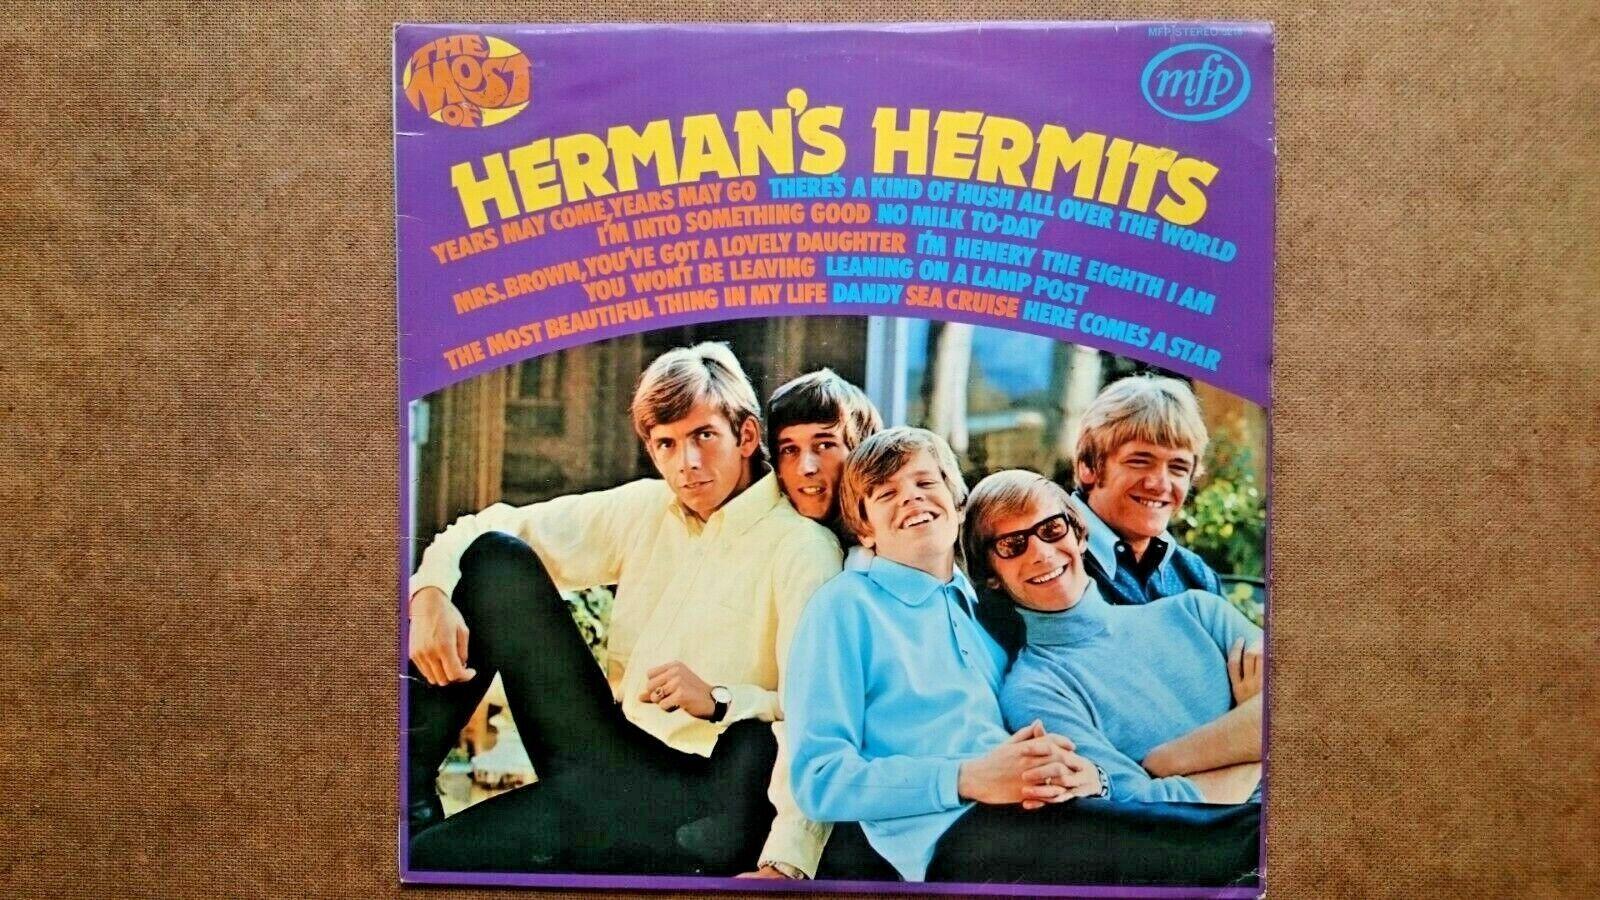 Herman's Hermits:  Vinyl Record LP (MFP Records 1970s)